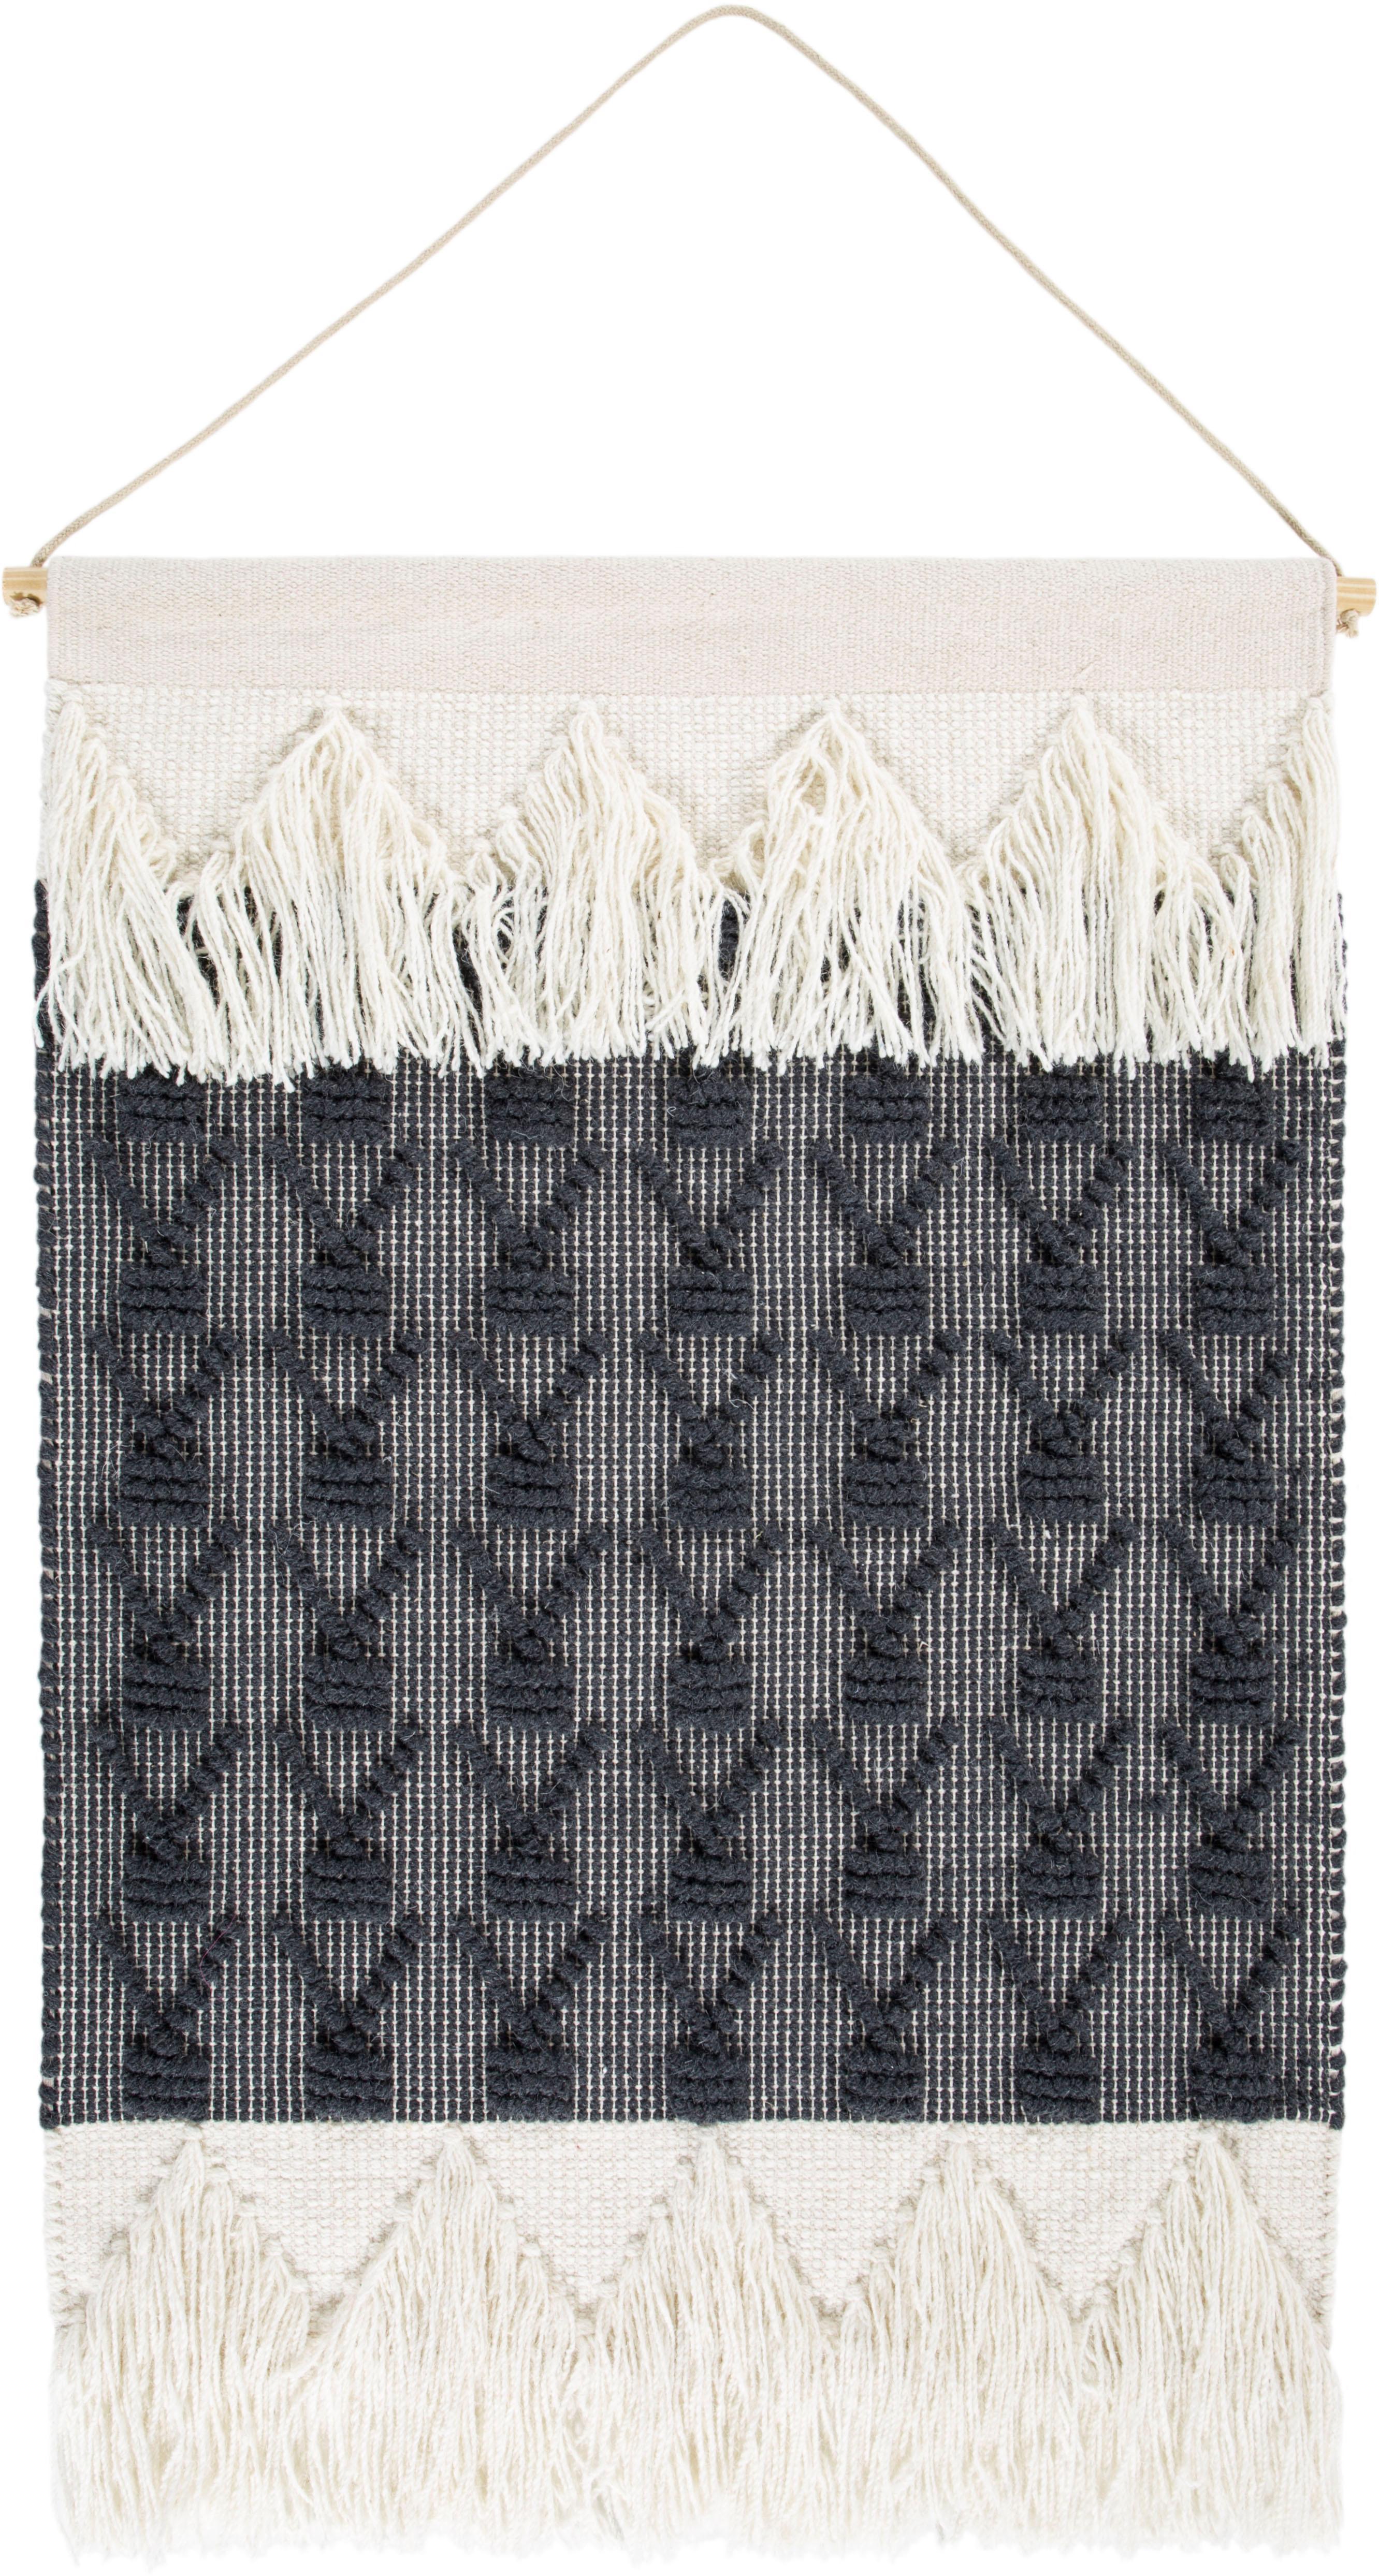 Wandteppich, »Skagen 1«, LUXOR living, rechteckig, Höhe 10 mm, handgewebt günstig online kaufen